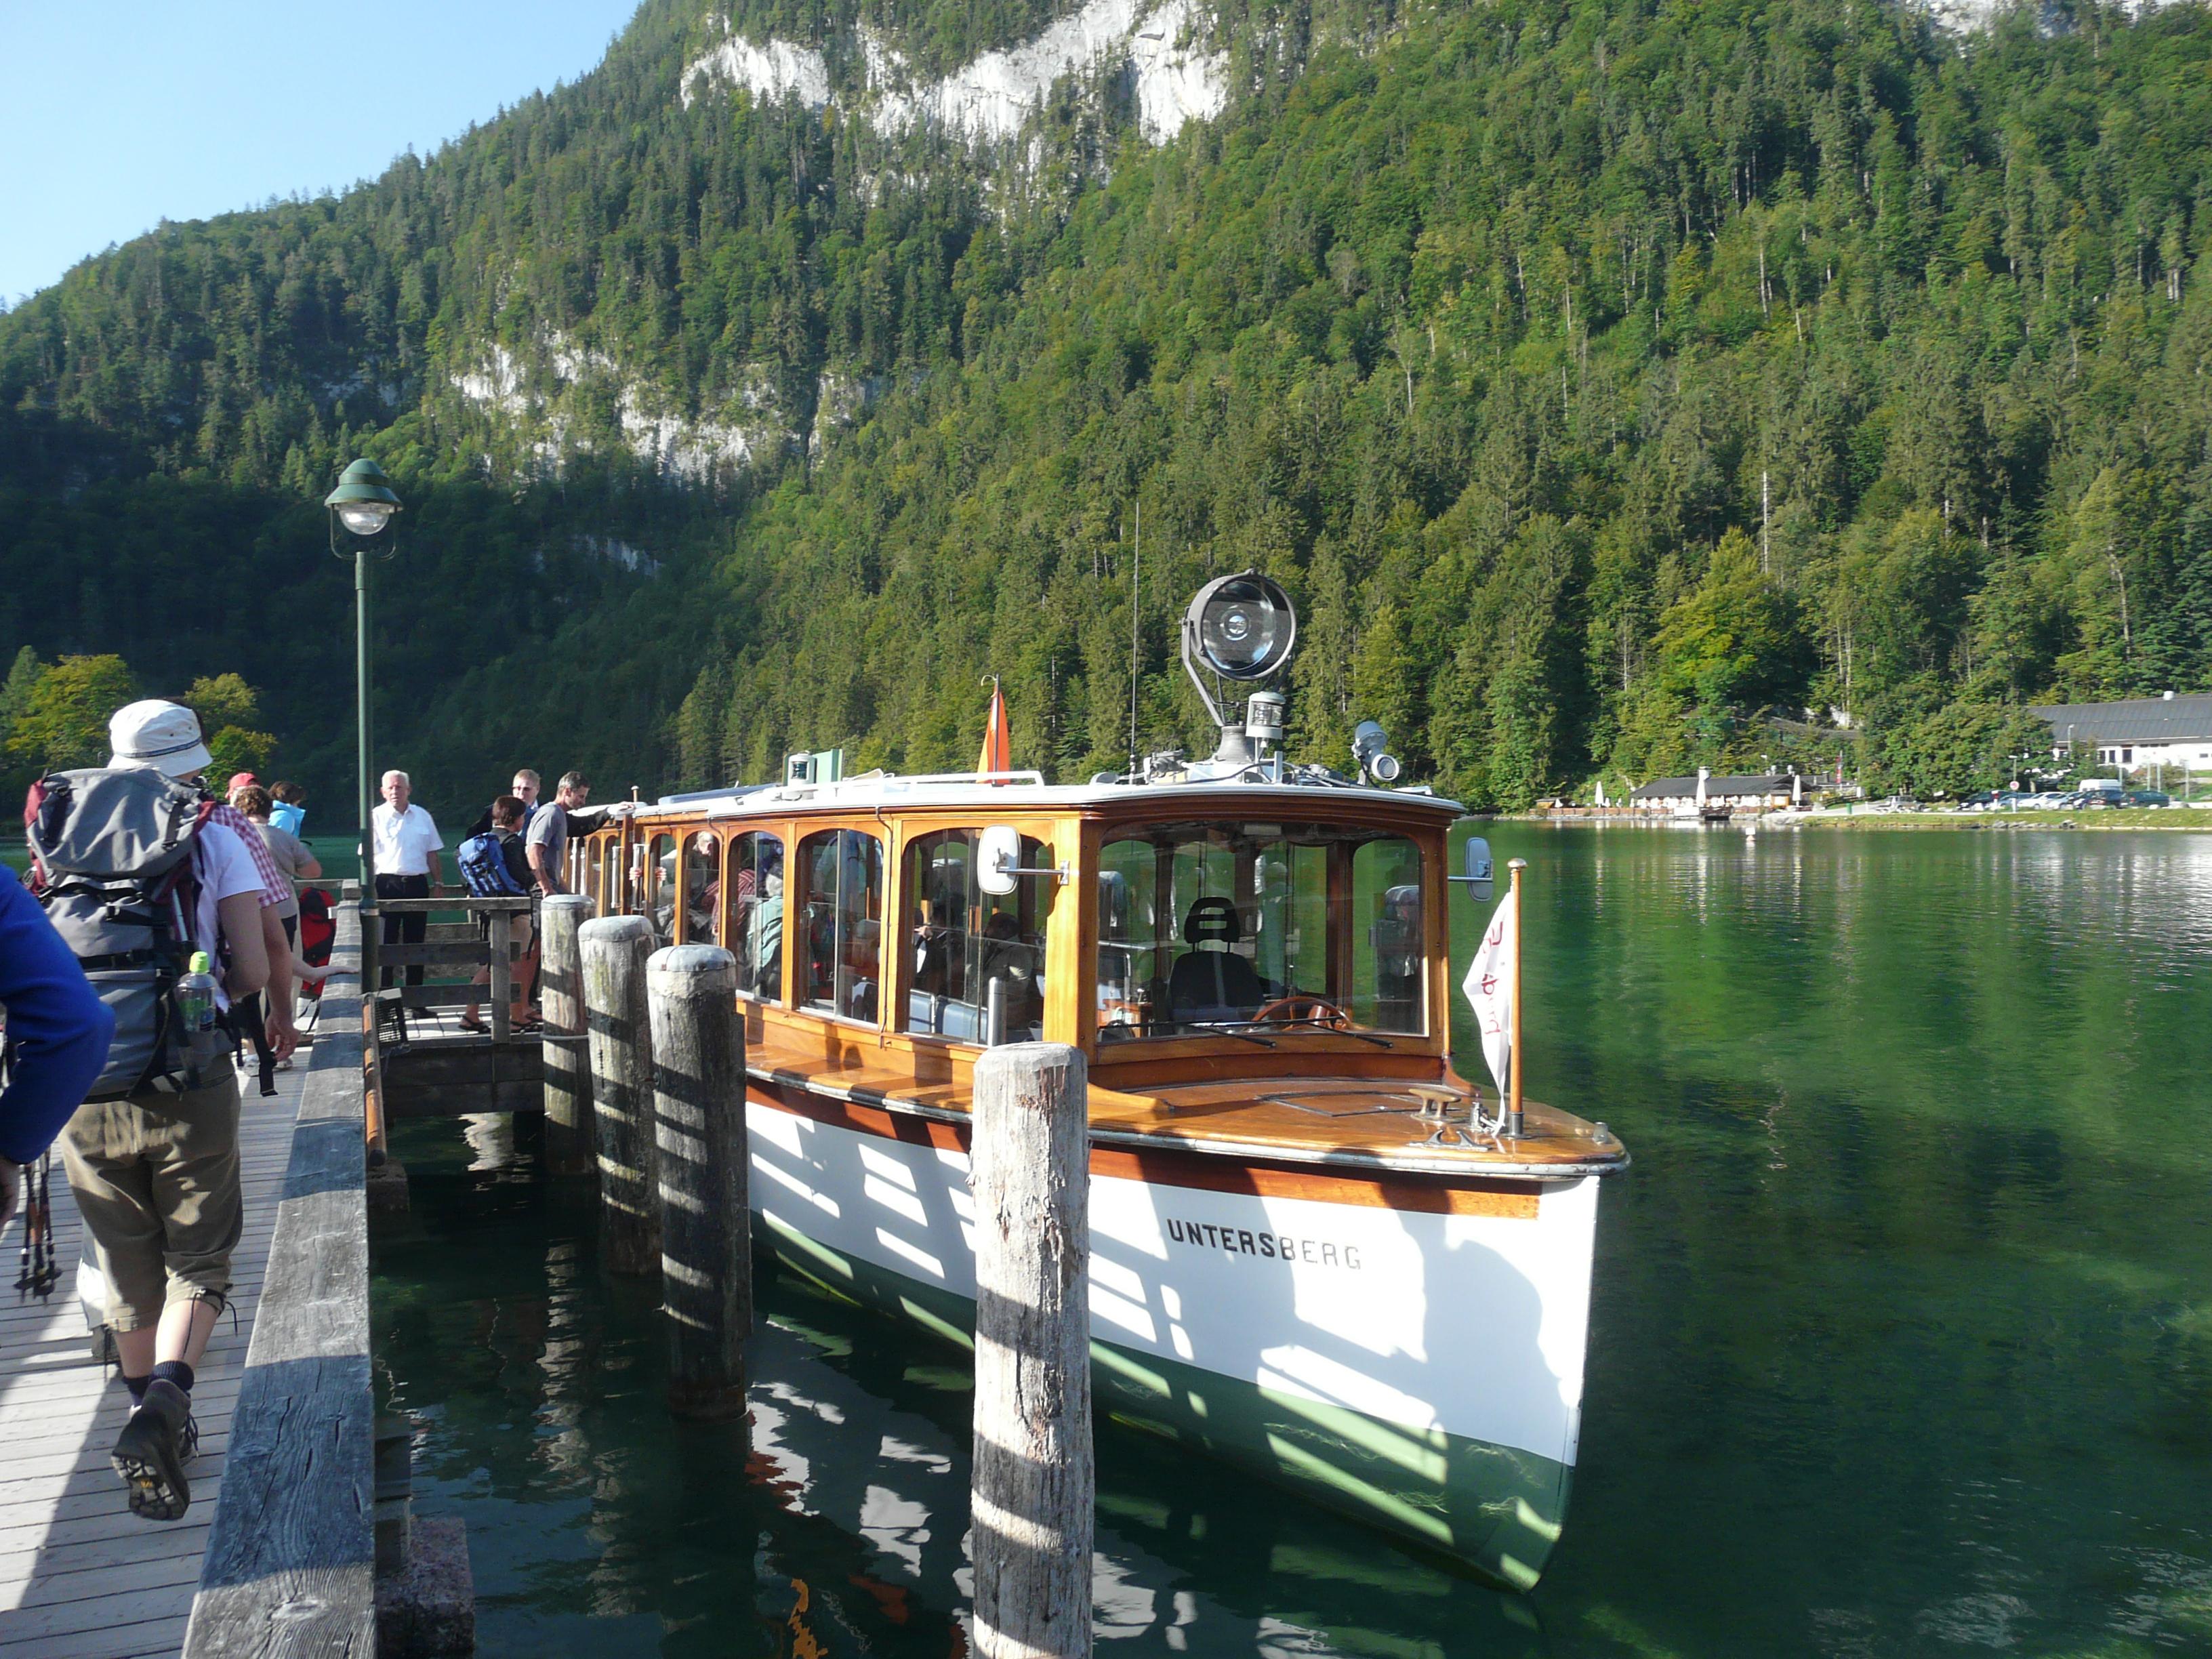 Koenigsee, Bavaria boat ride